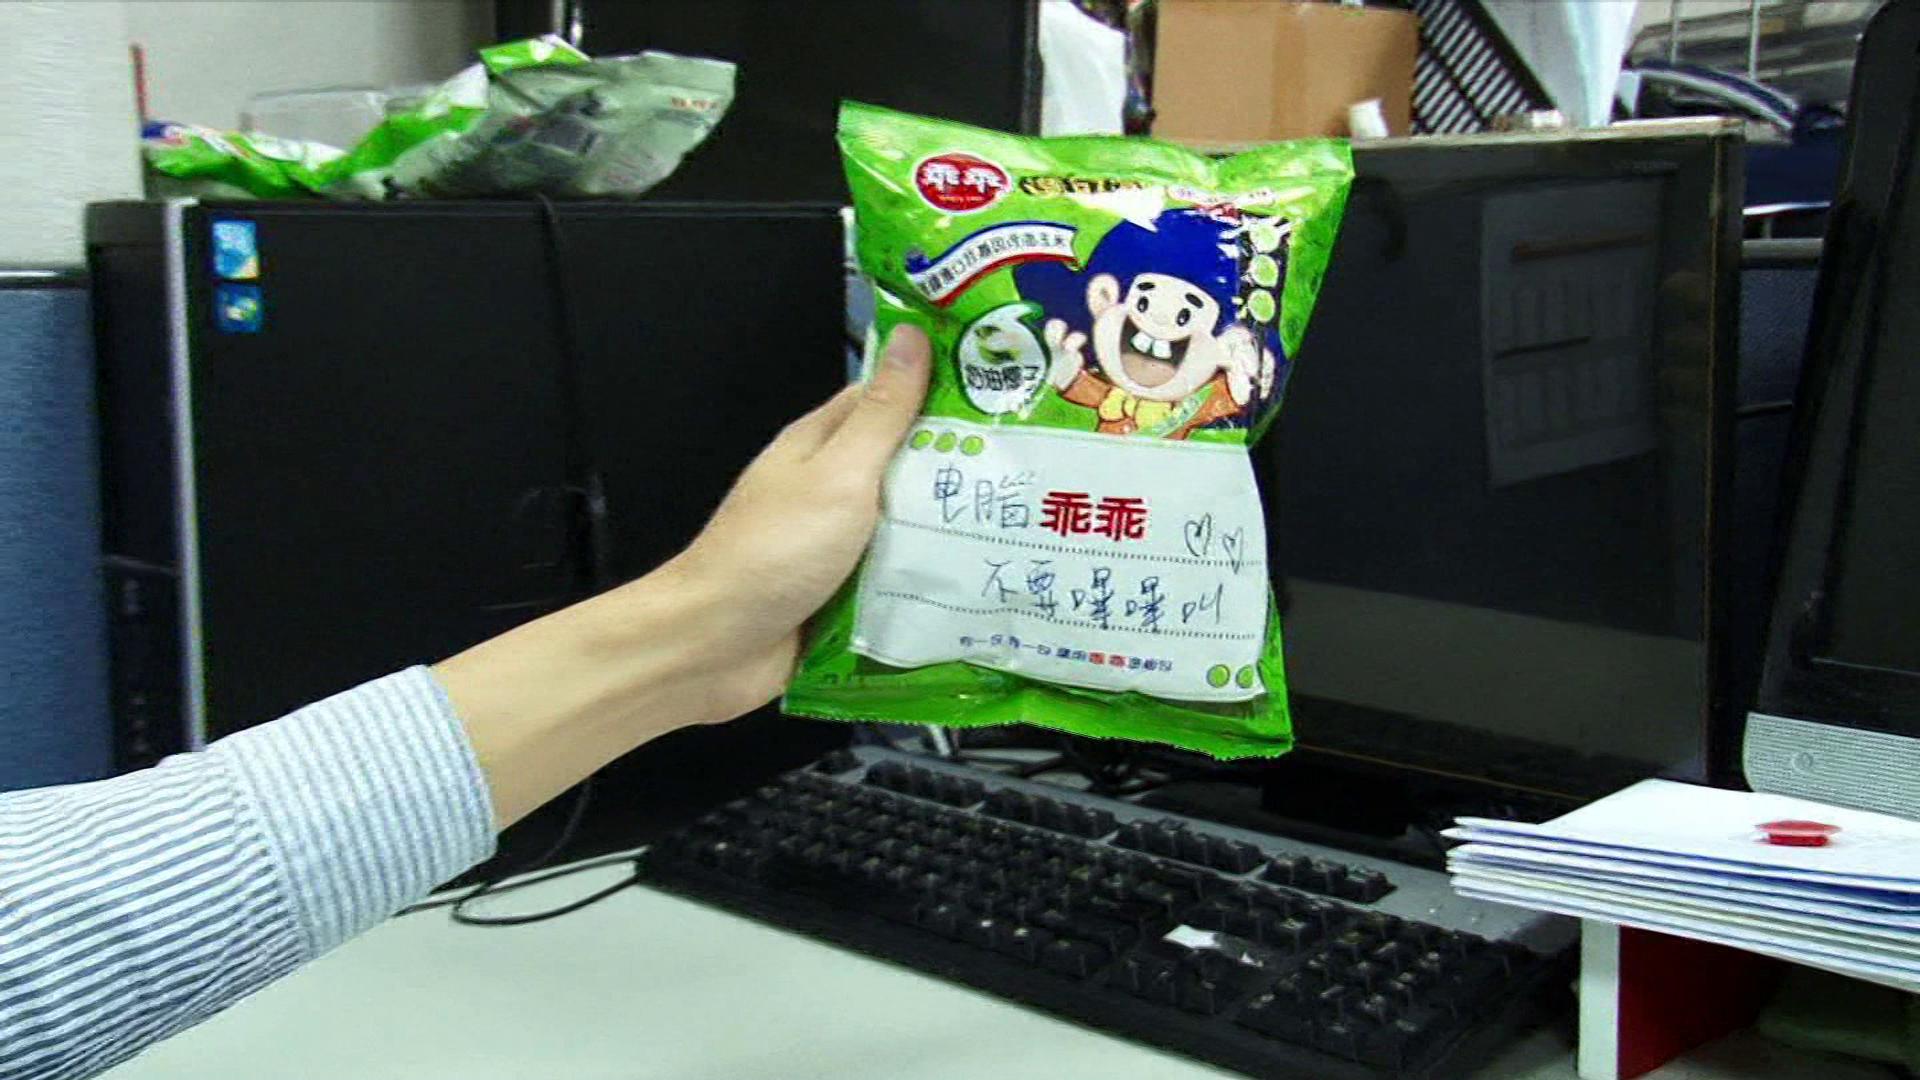 台灣「綠色乖乖」紅到國外! 意外登上BBC版面